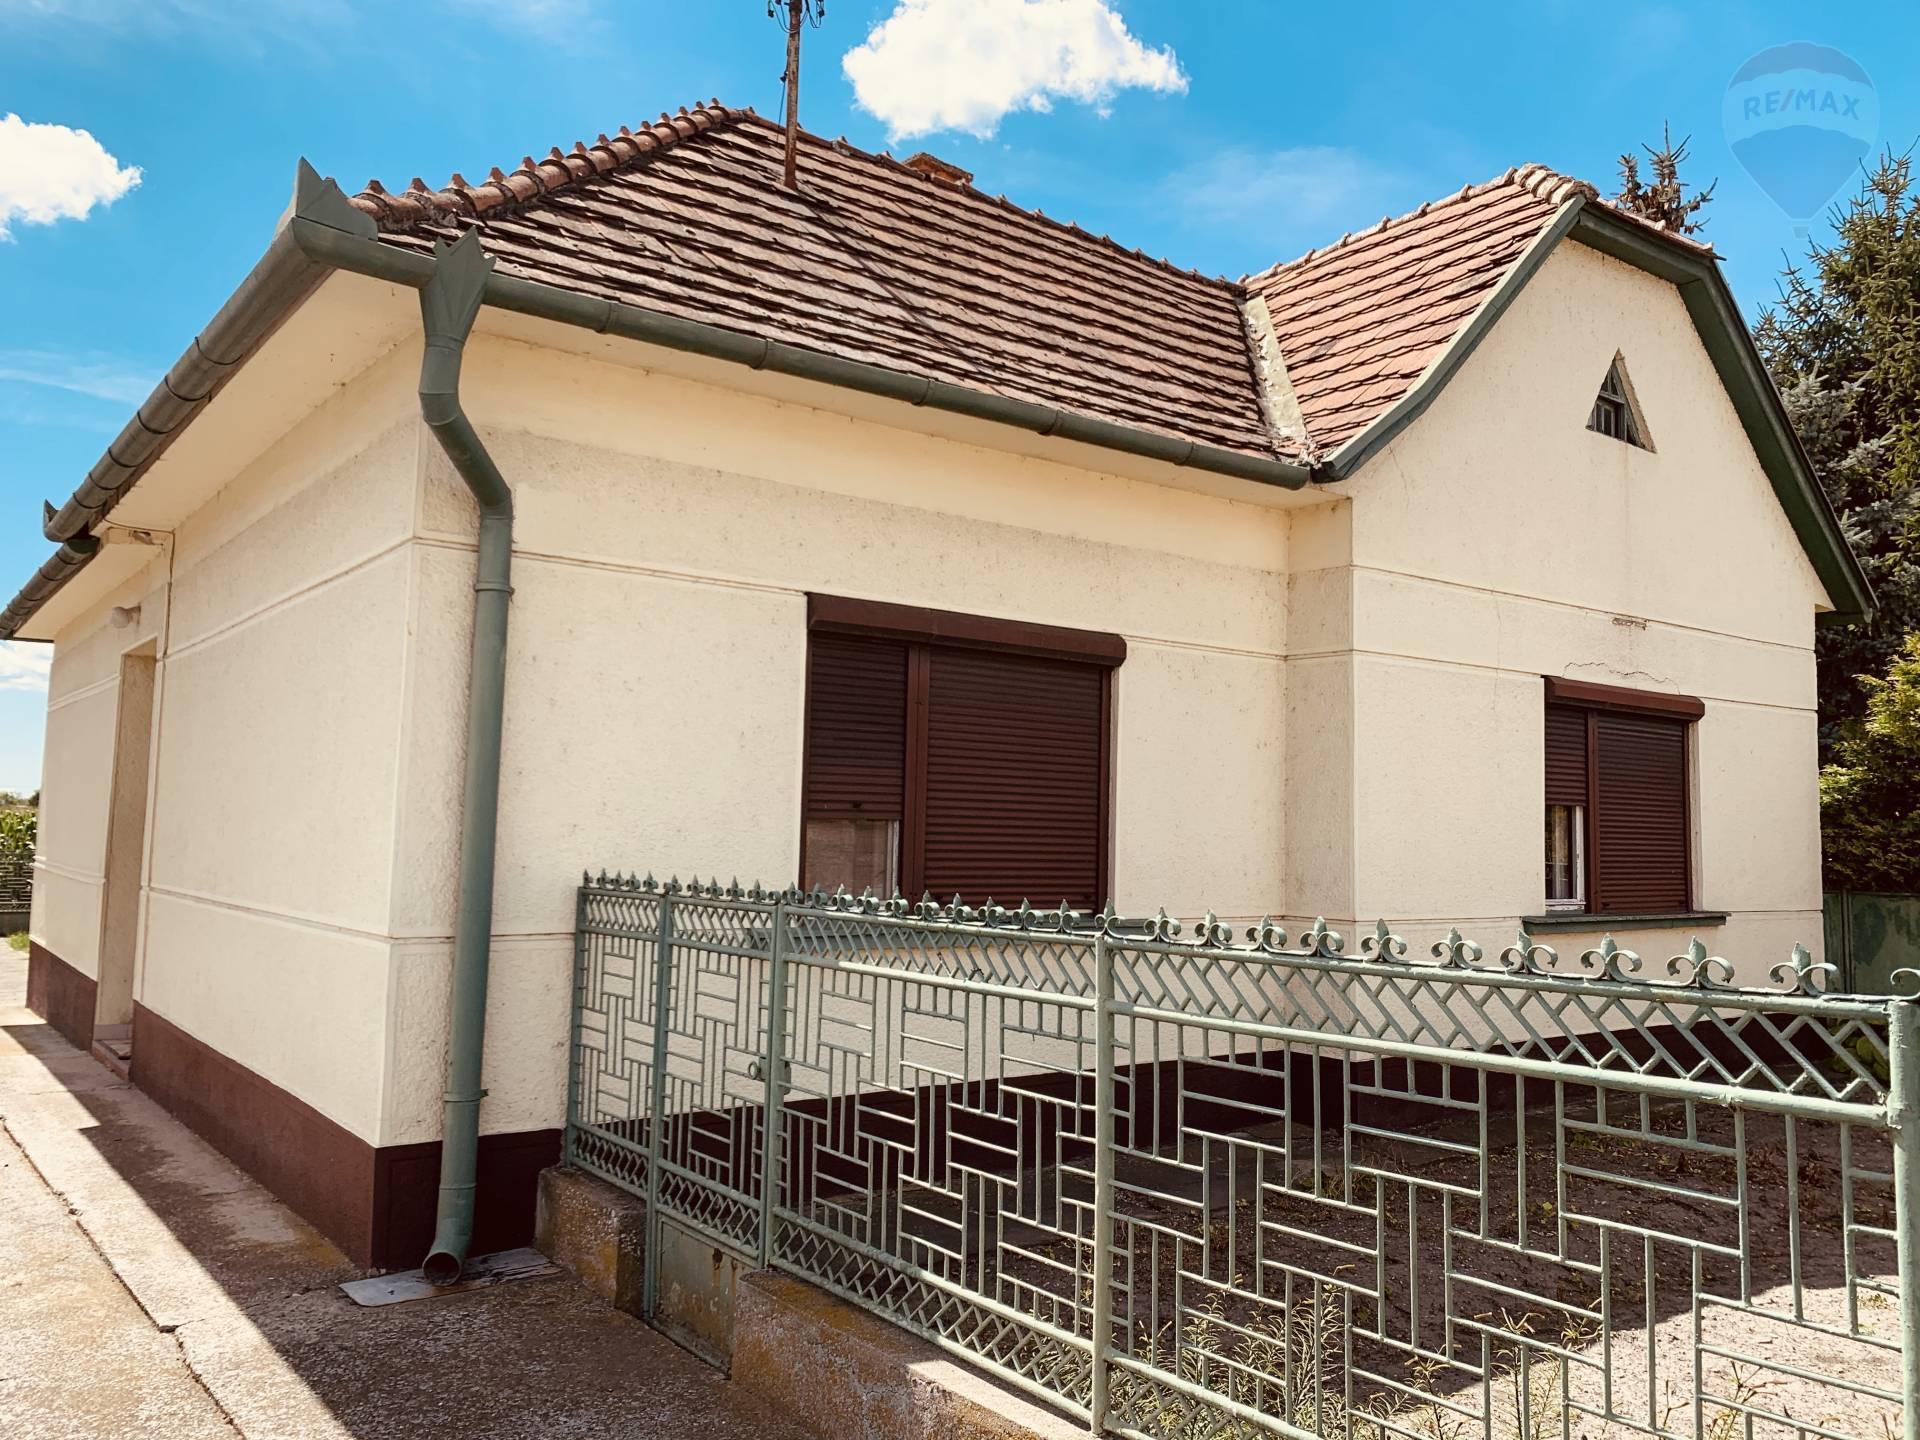 Predaj: 4 izbový rodinný dom, veľký pozemok, 2500m2, Kútniky, okres Dunajská Streda